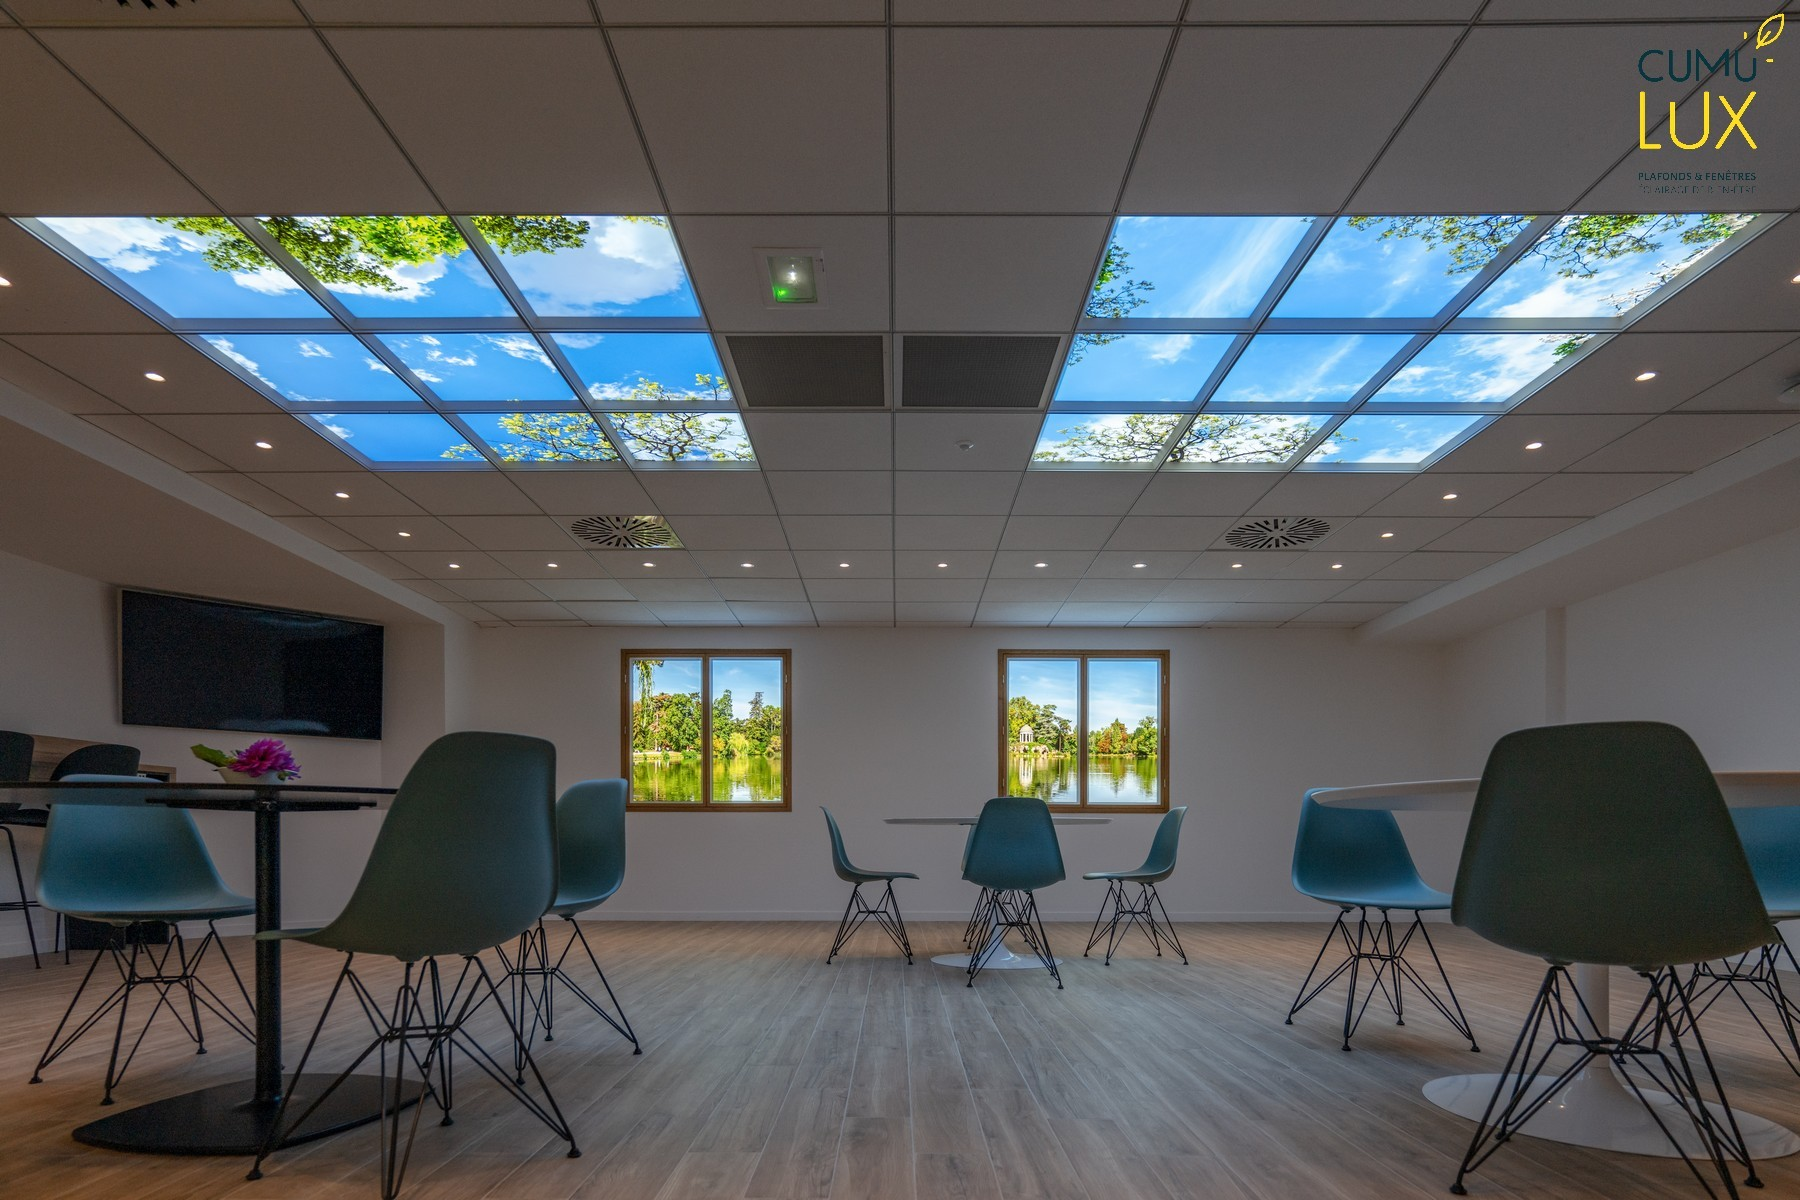 Plafonds lumineux et fenêtres lumineuses Cumulux dans une salle de restauration privée de lumière naturelle chez Interfel